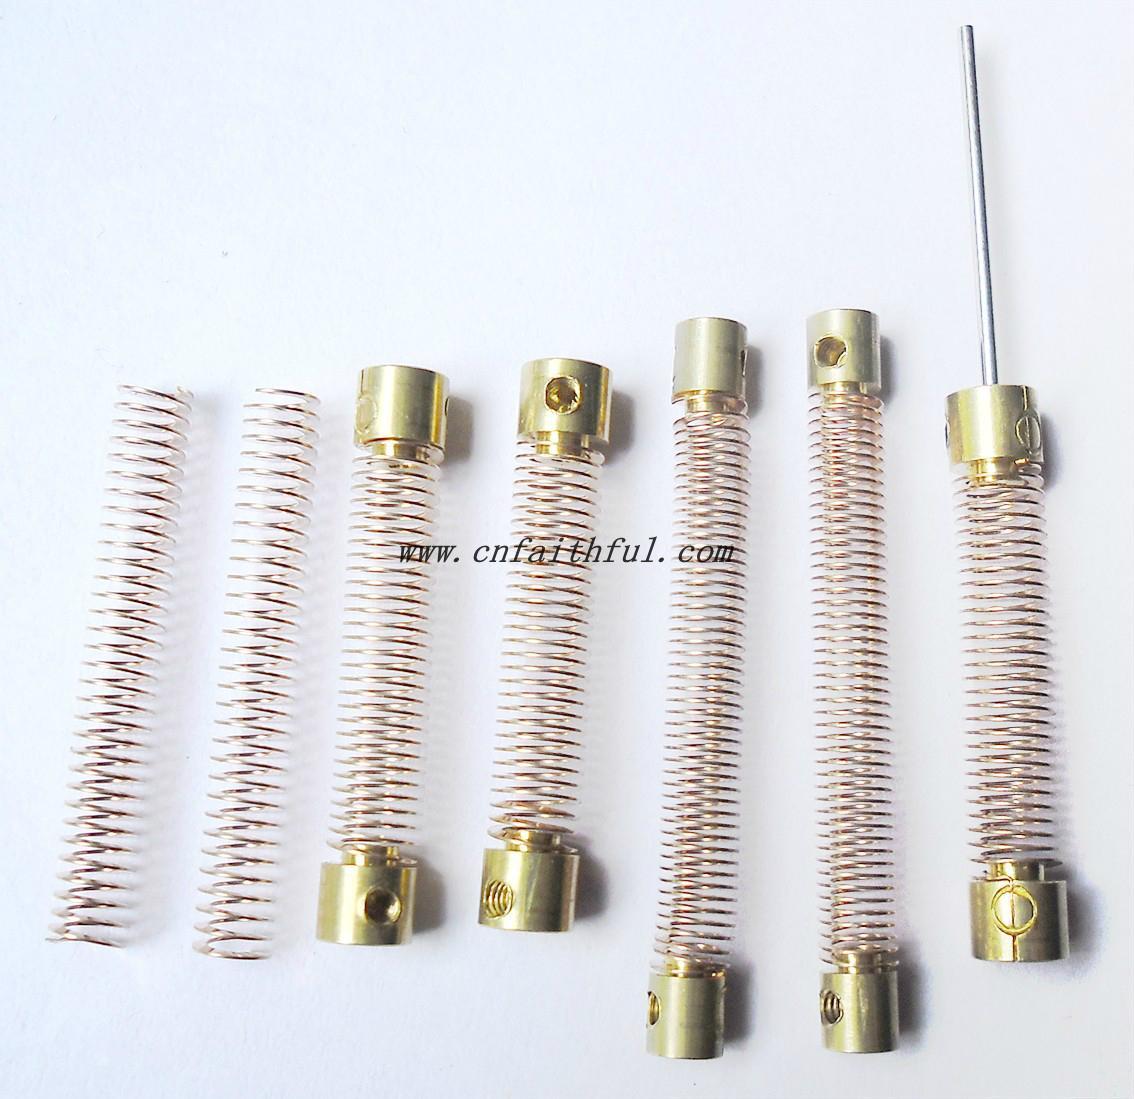 All kind of Hairsprings 5